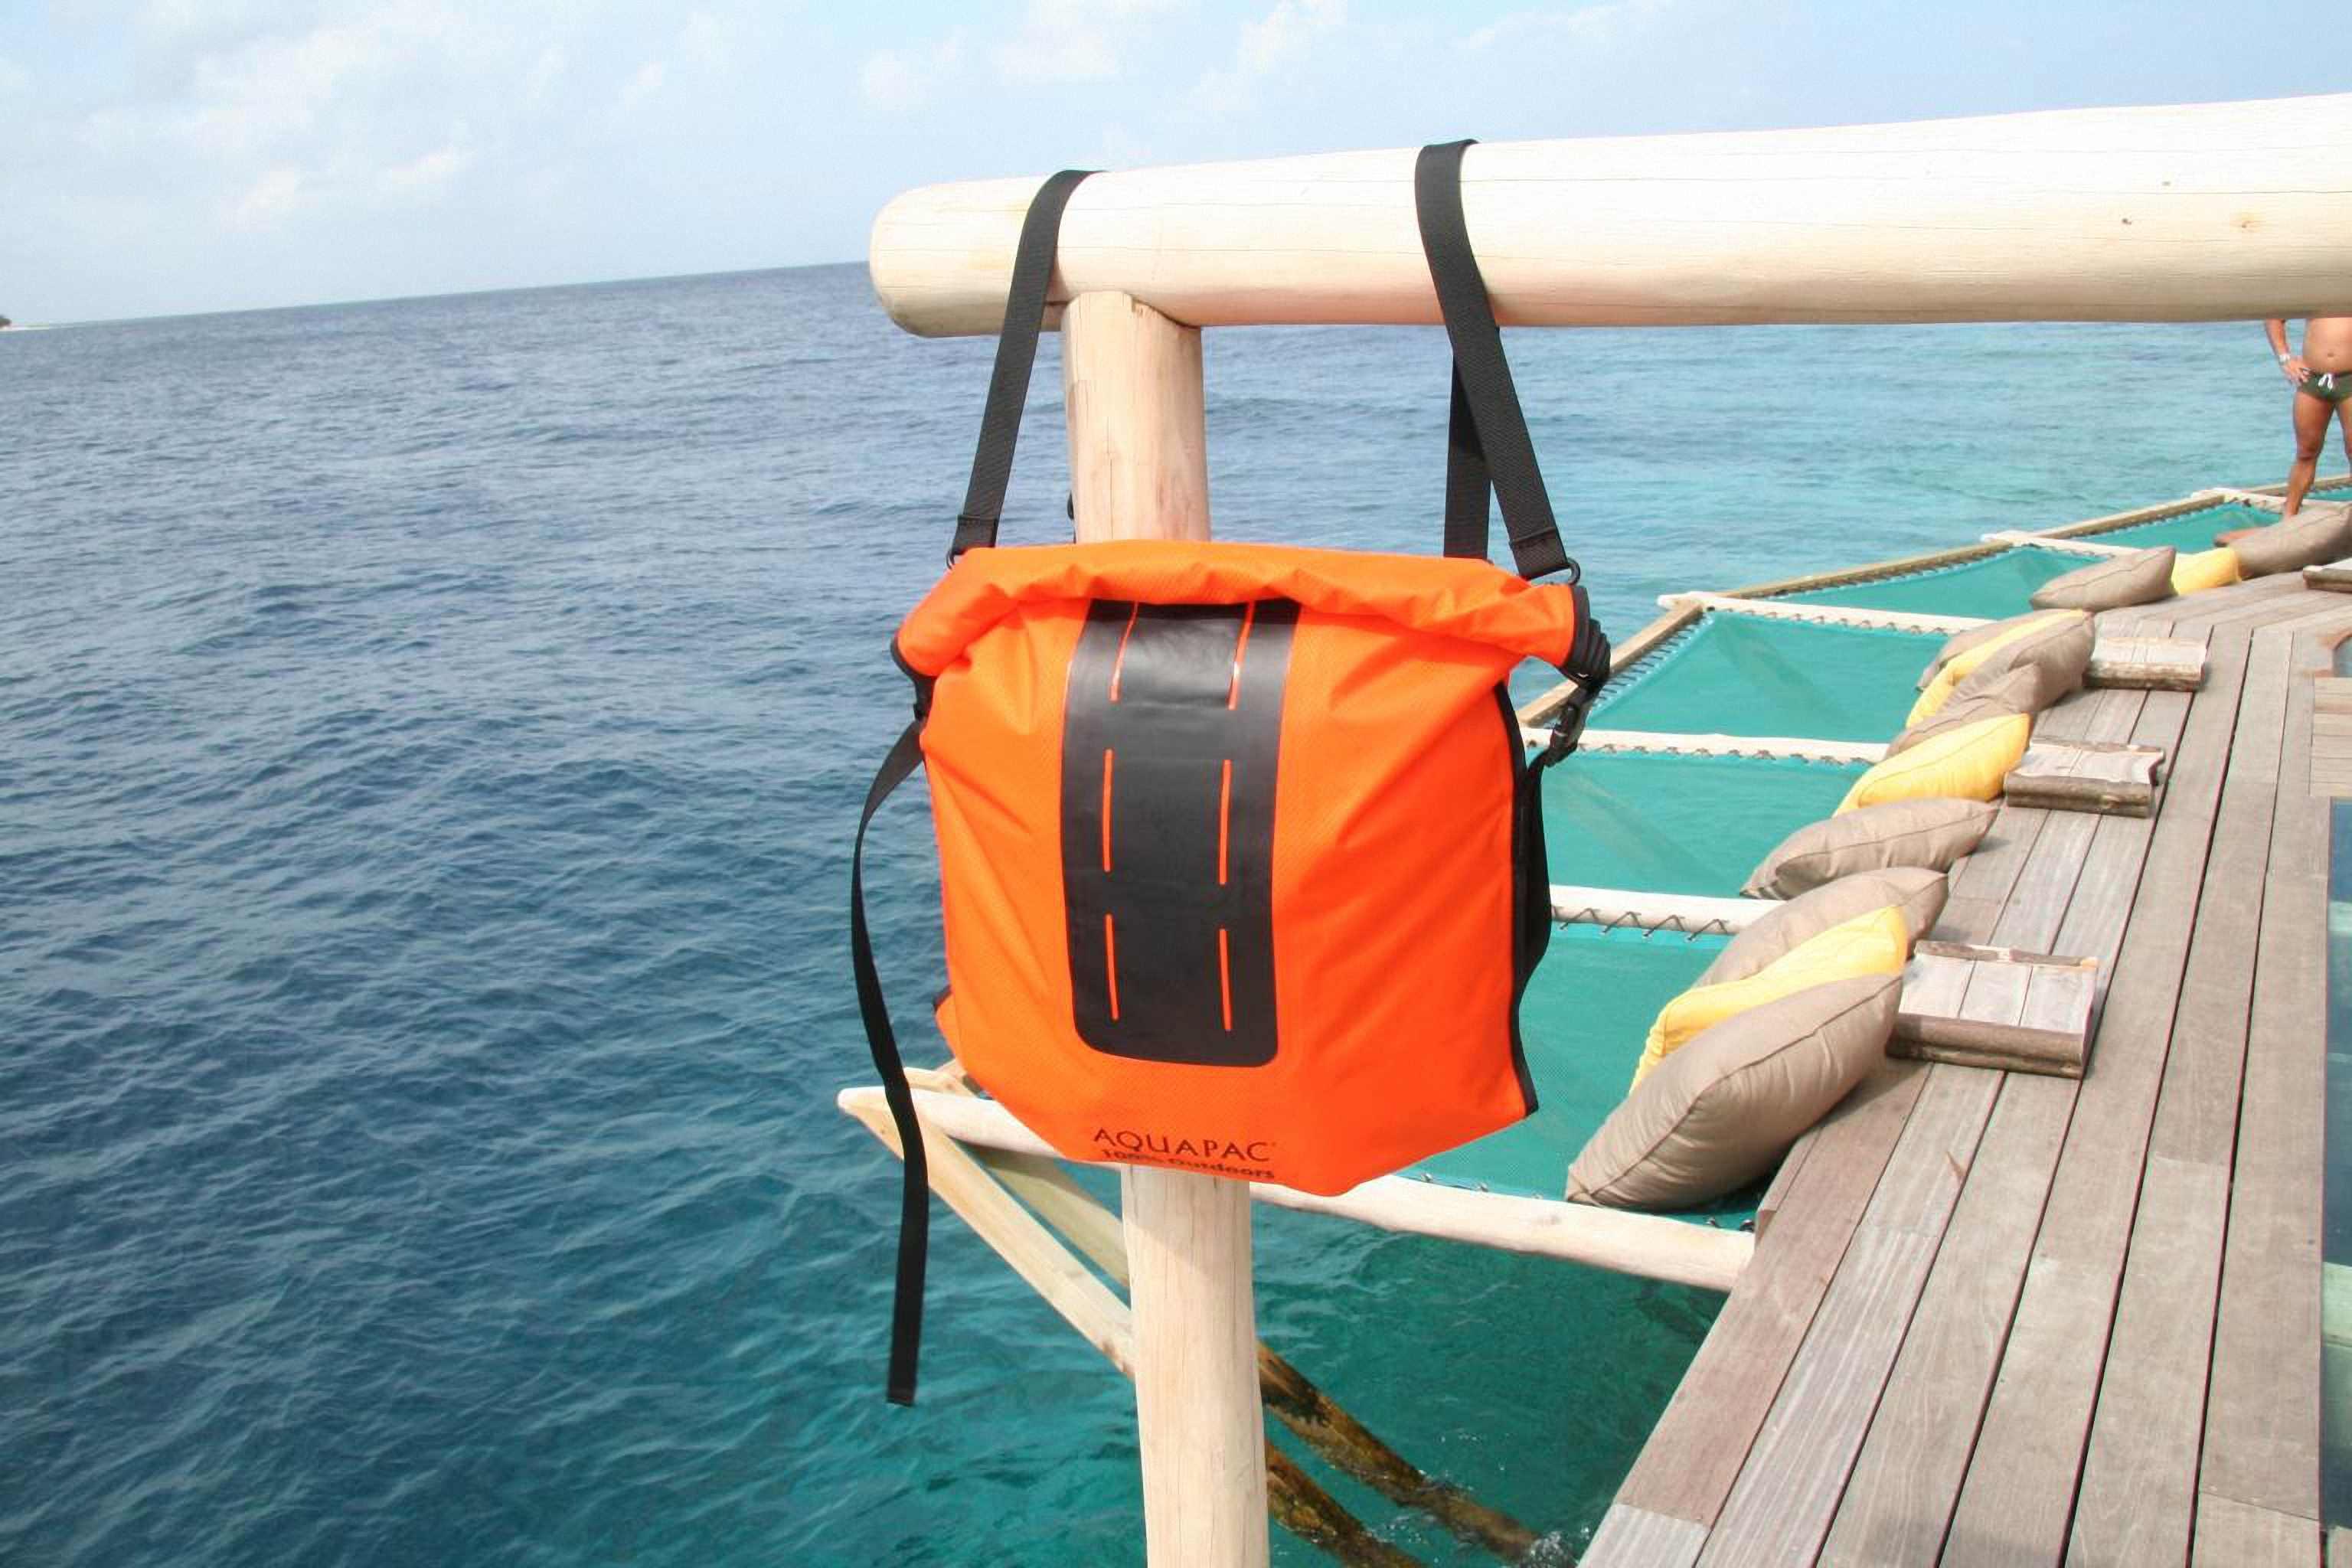 Водонепроницаемый гермомешок-рюкзак (с двумя плечевыми ремнями) Aquapac 771 - Noatak Wet & Drybag - 25L.. Aquapac - №1 в мире водонепроницаемых чехлов и сумок. Фото 7